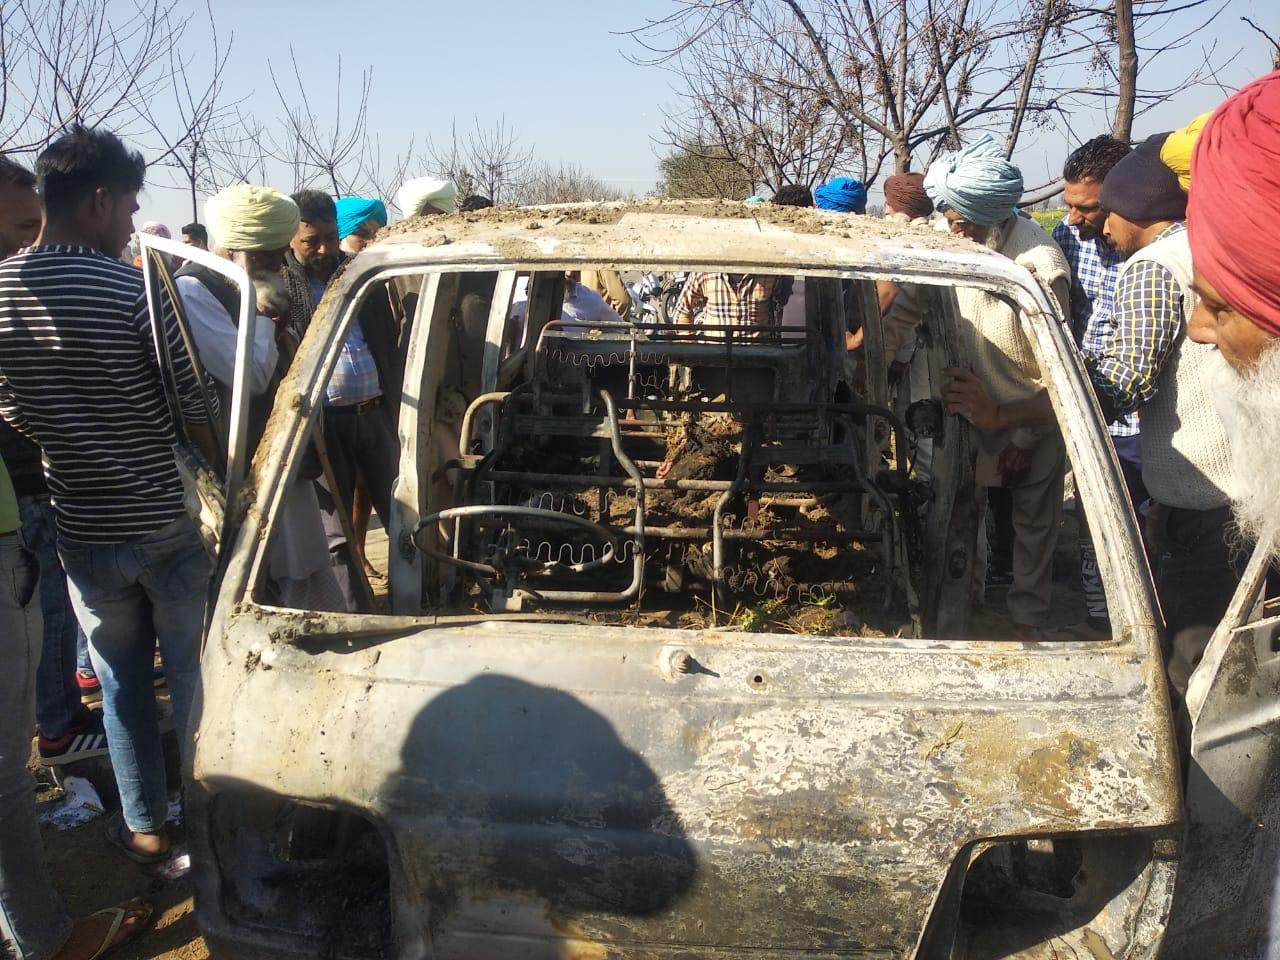 PunjabKesari, Bought school van killing 4 children for 20 thousand from scrap